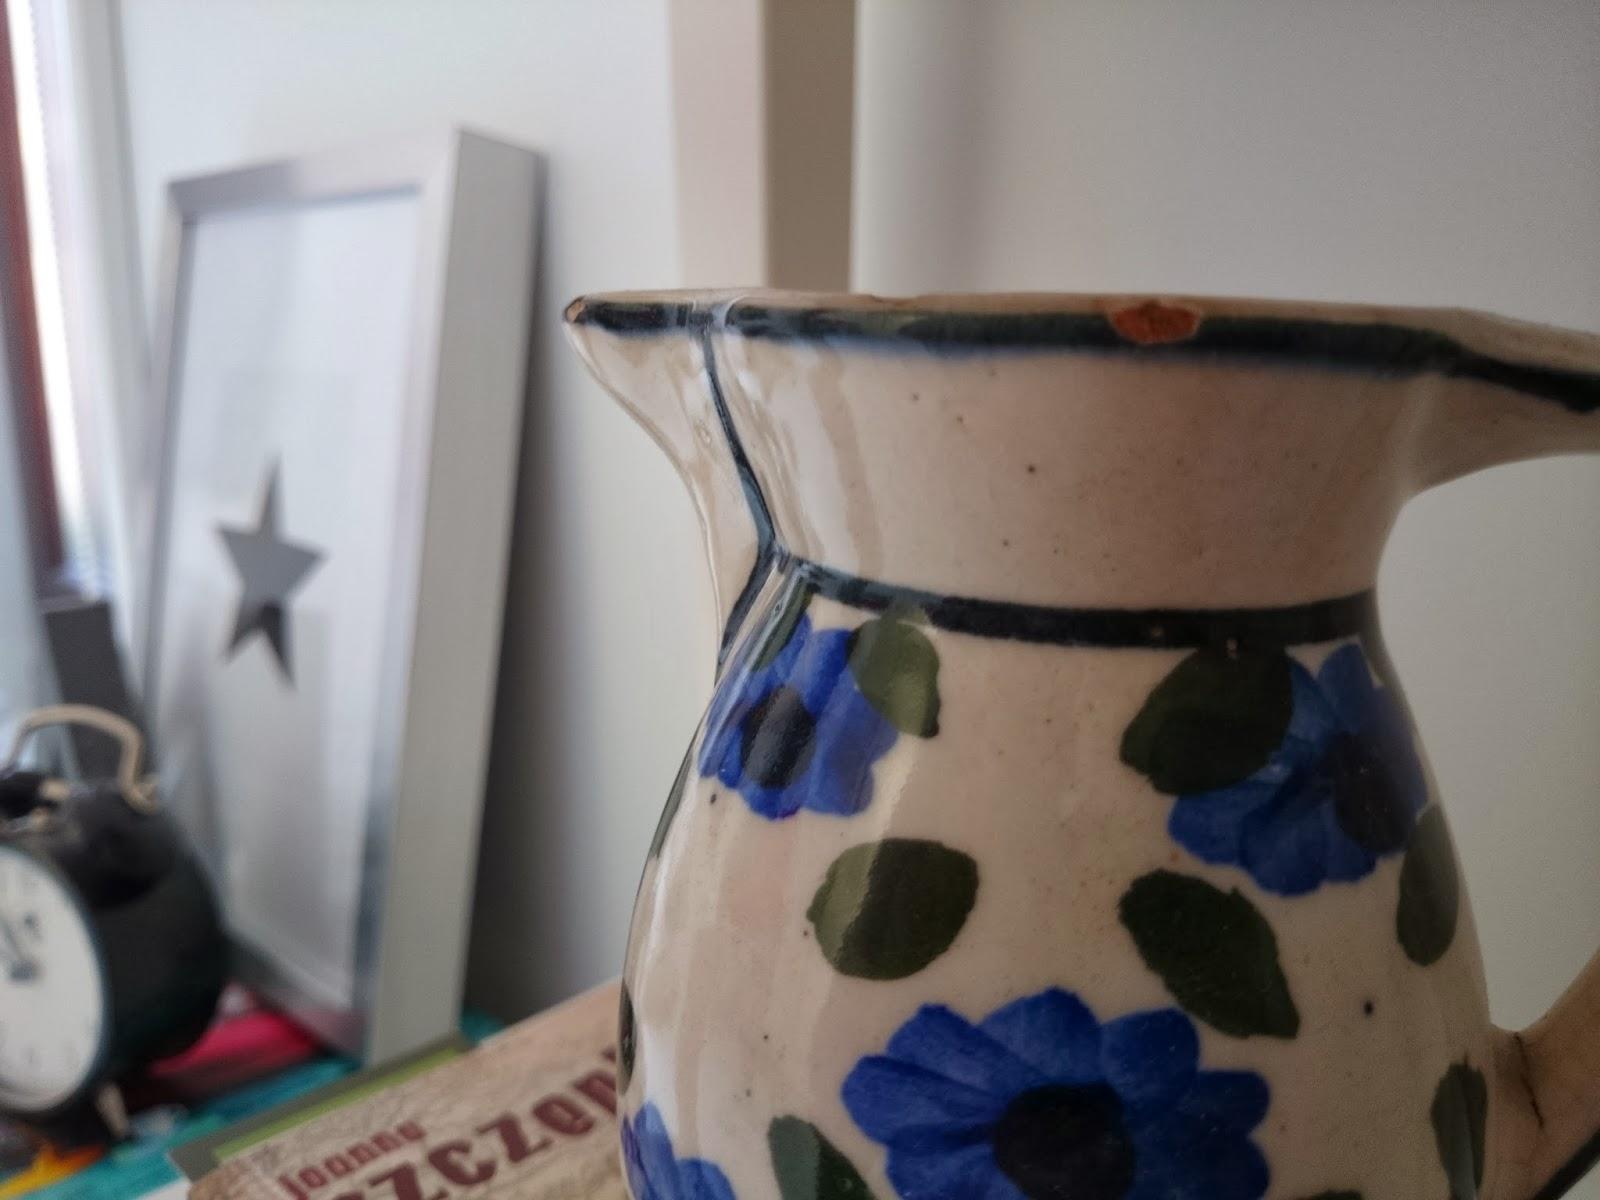 Pamiątka - dzbanek w niebieskie kwiaty Eklektyczne dodatki, plakat gwiazdka